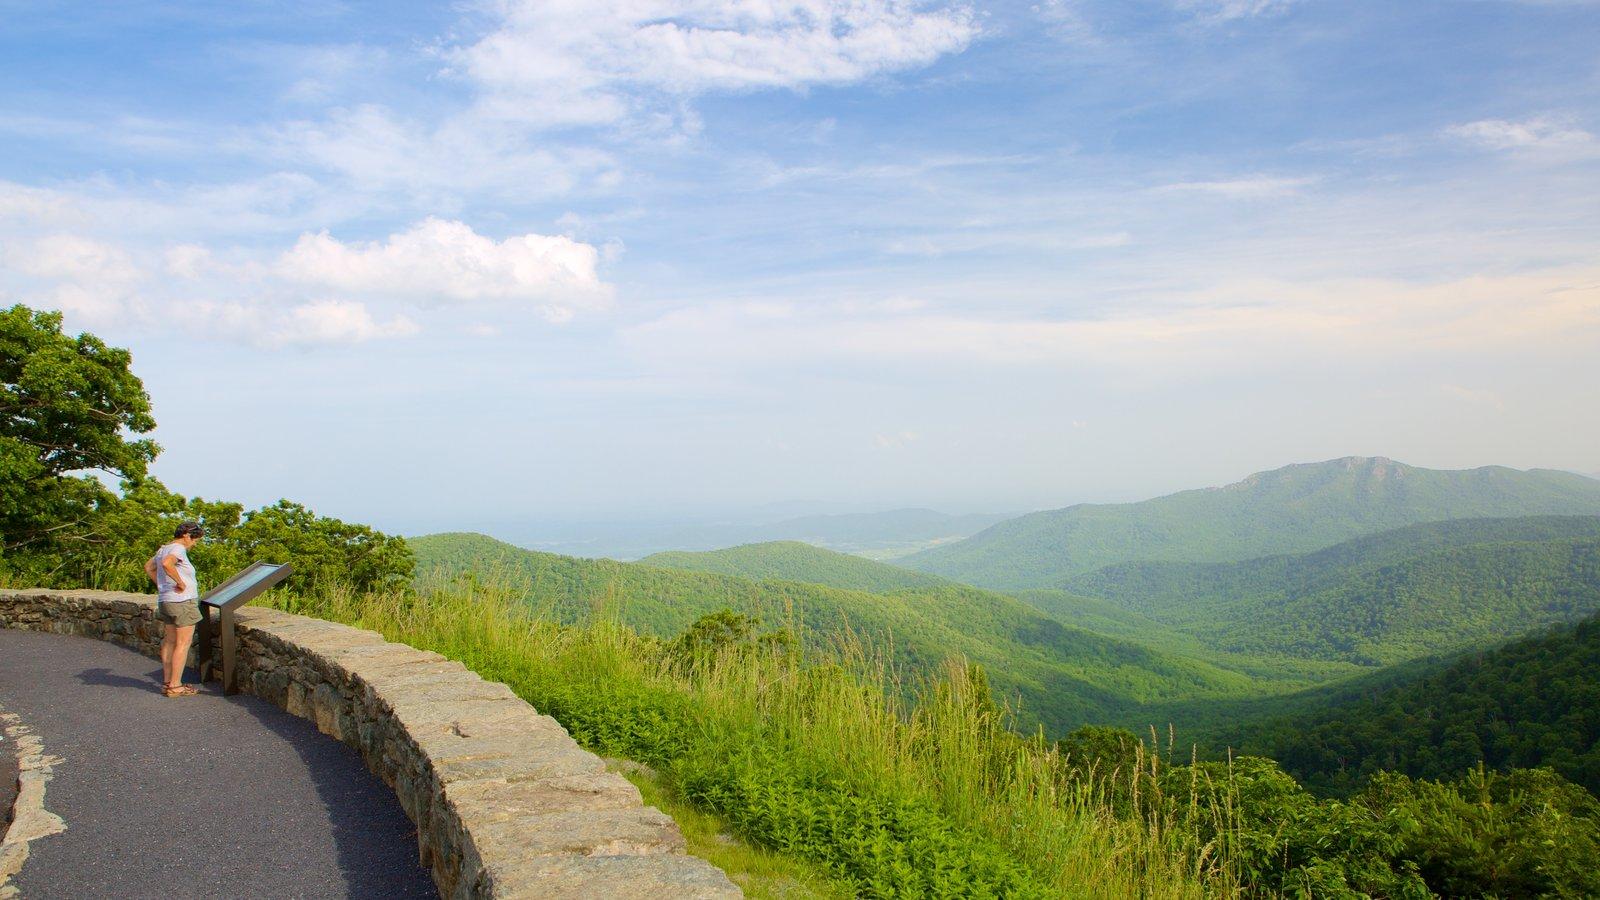 Parque Nacional Shenandoah ofreciendo montañas, escenas tranquilas y vistas